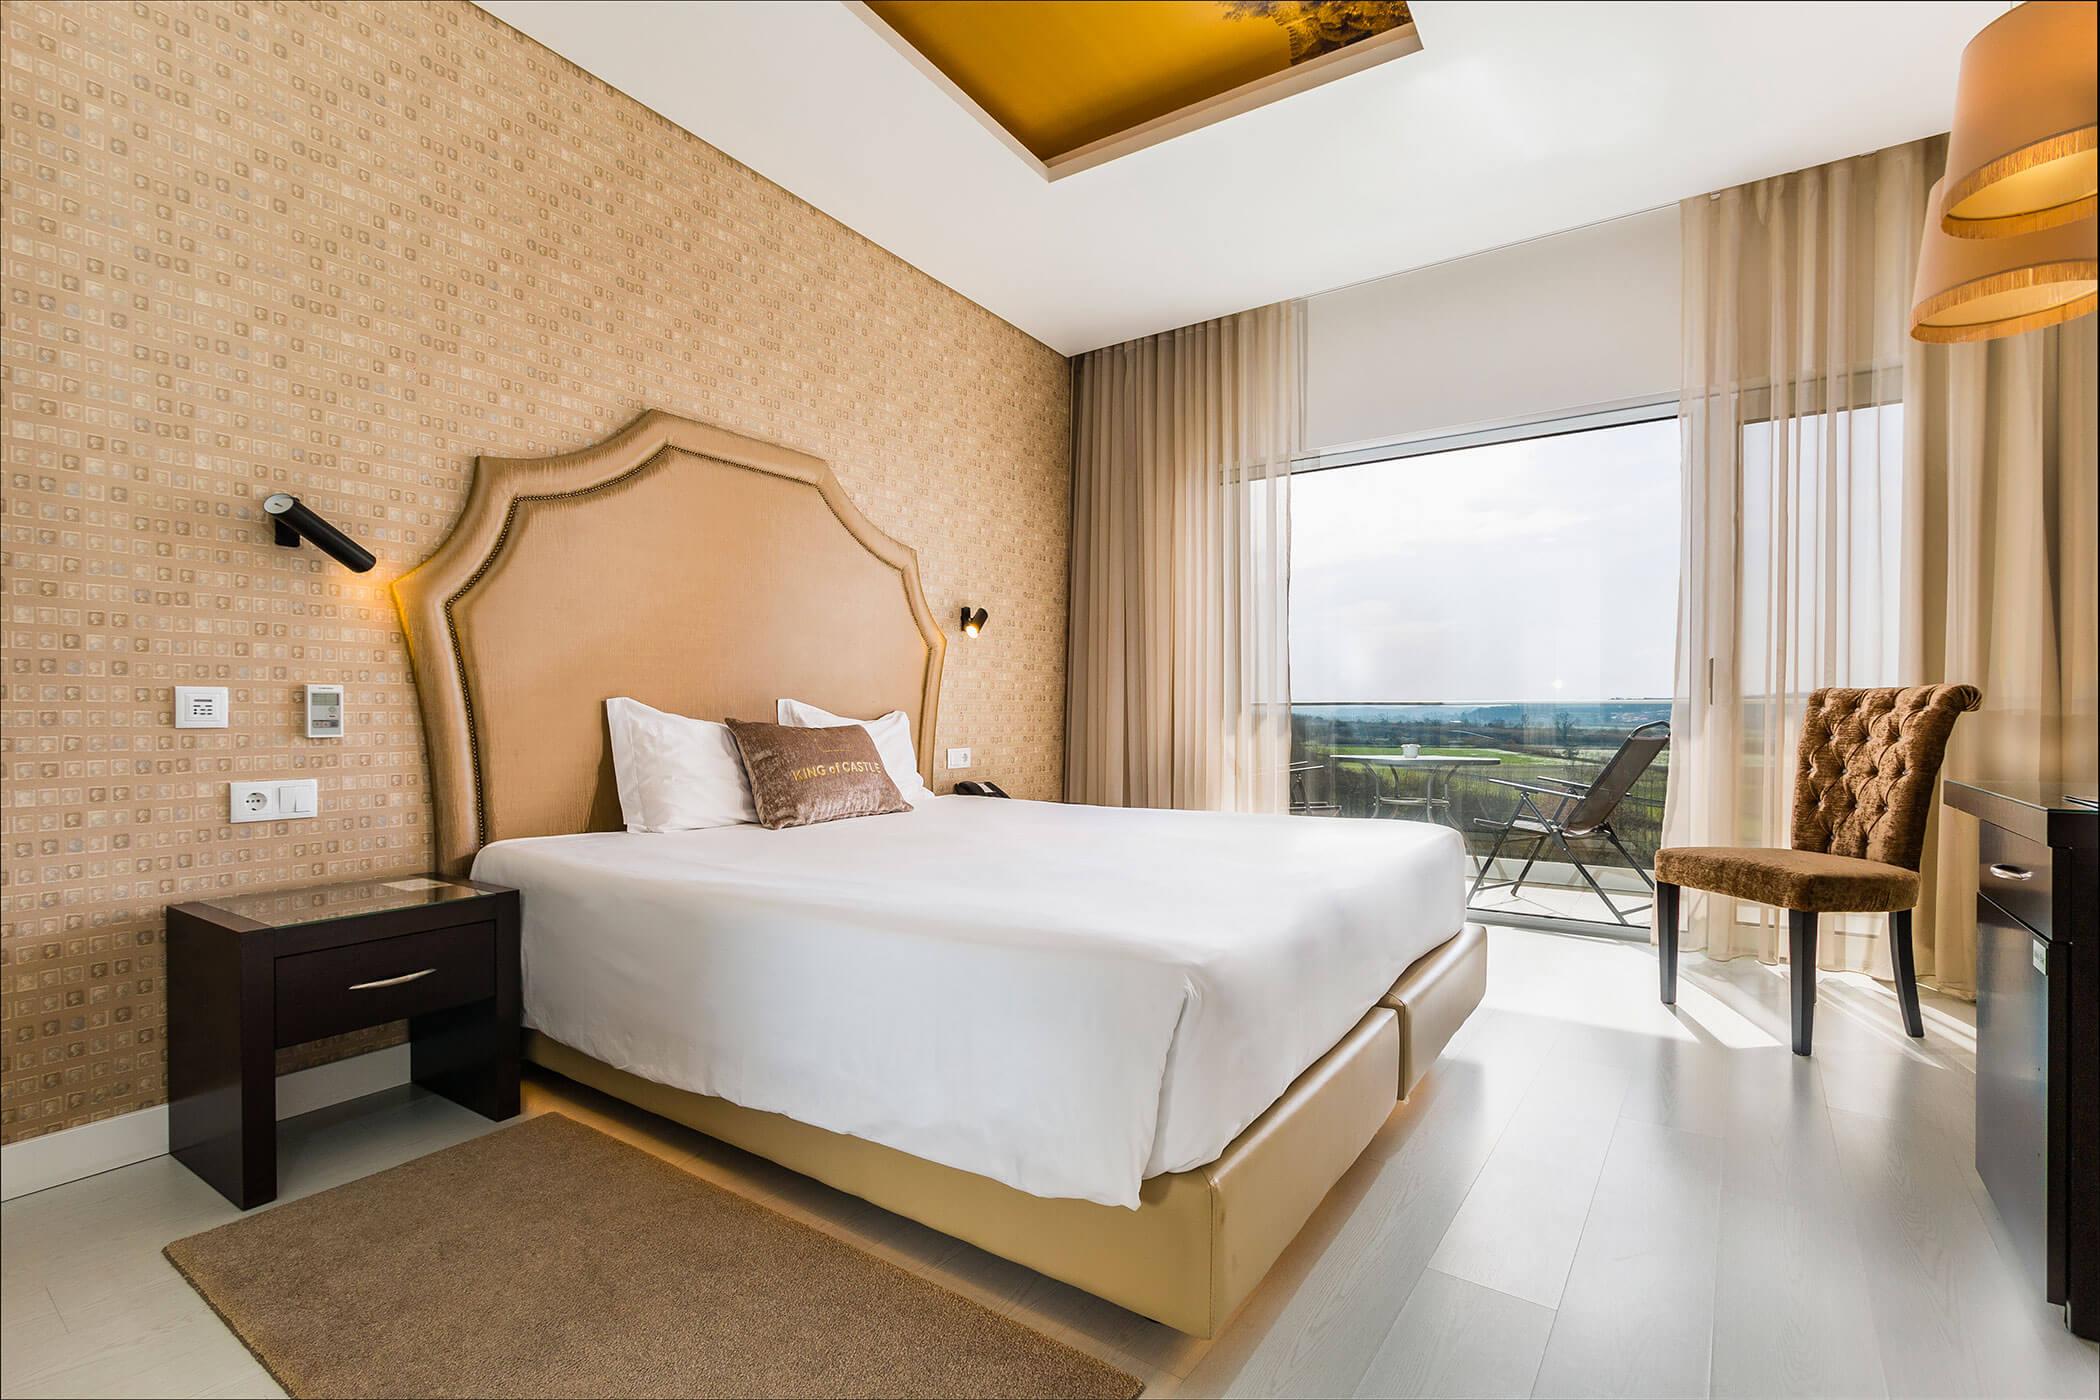 Quarto Duplo Standard Castelo de Leiria - Lisotel Hotel e Spa, Leiria